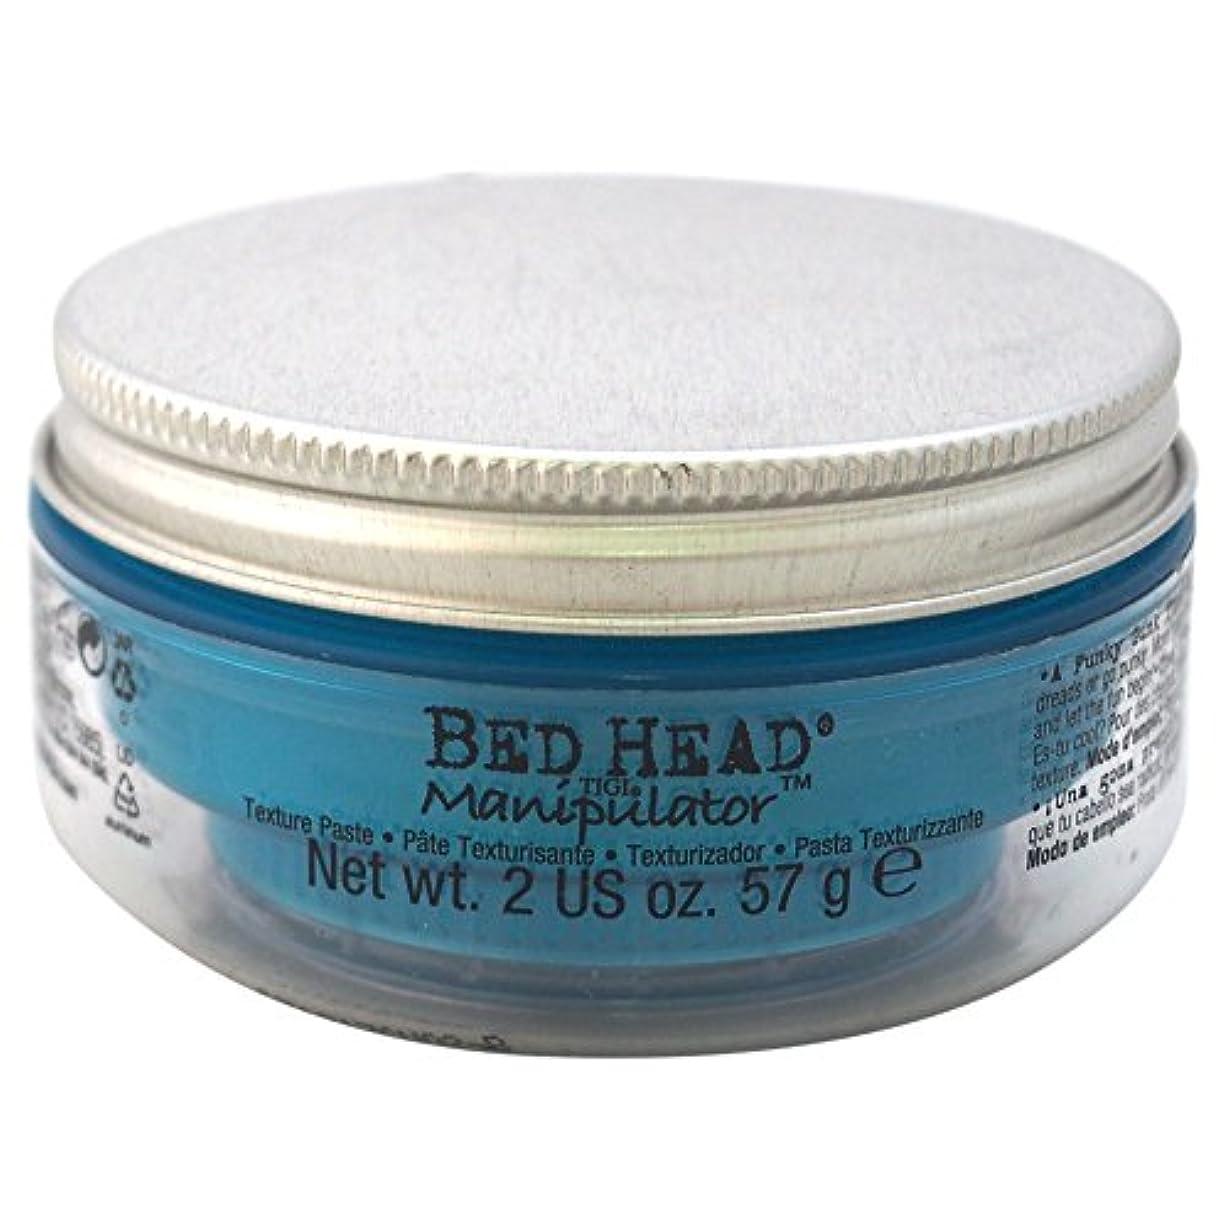 セント最大乞食ティジー ベッドヘッドマニピュレーター テキシチヤ ペースト Tigi Bed Head Manipulator Texture Paste 57 ml [並行輸入品]